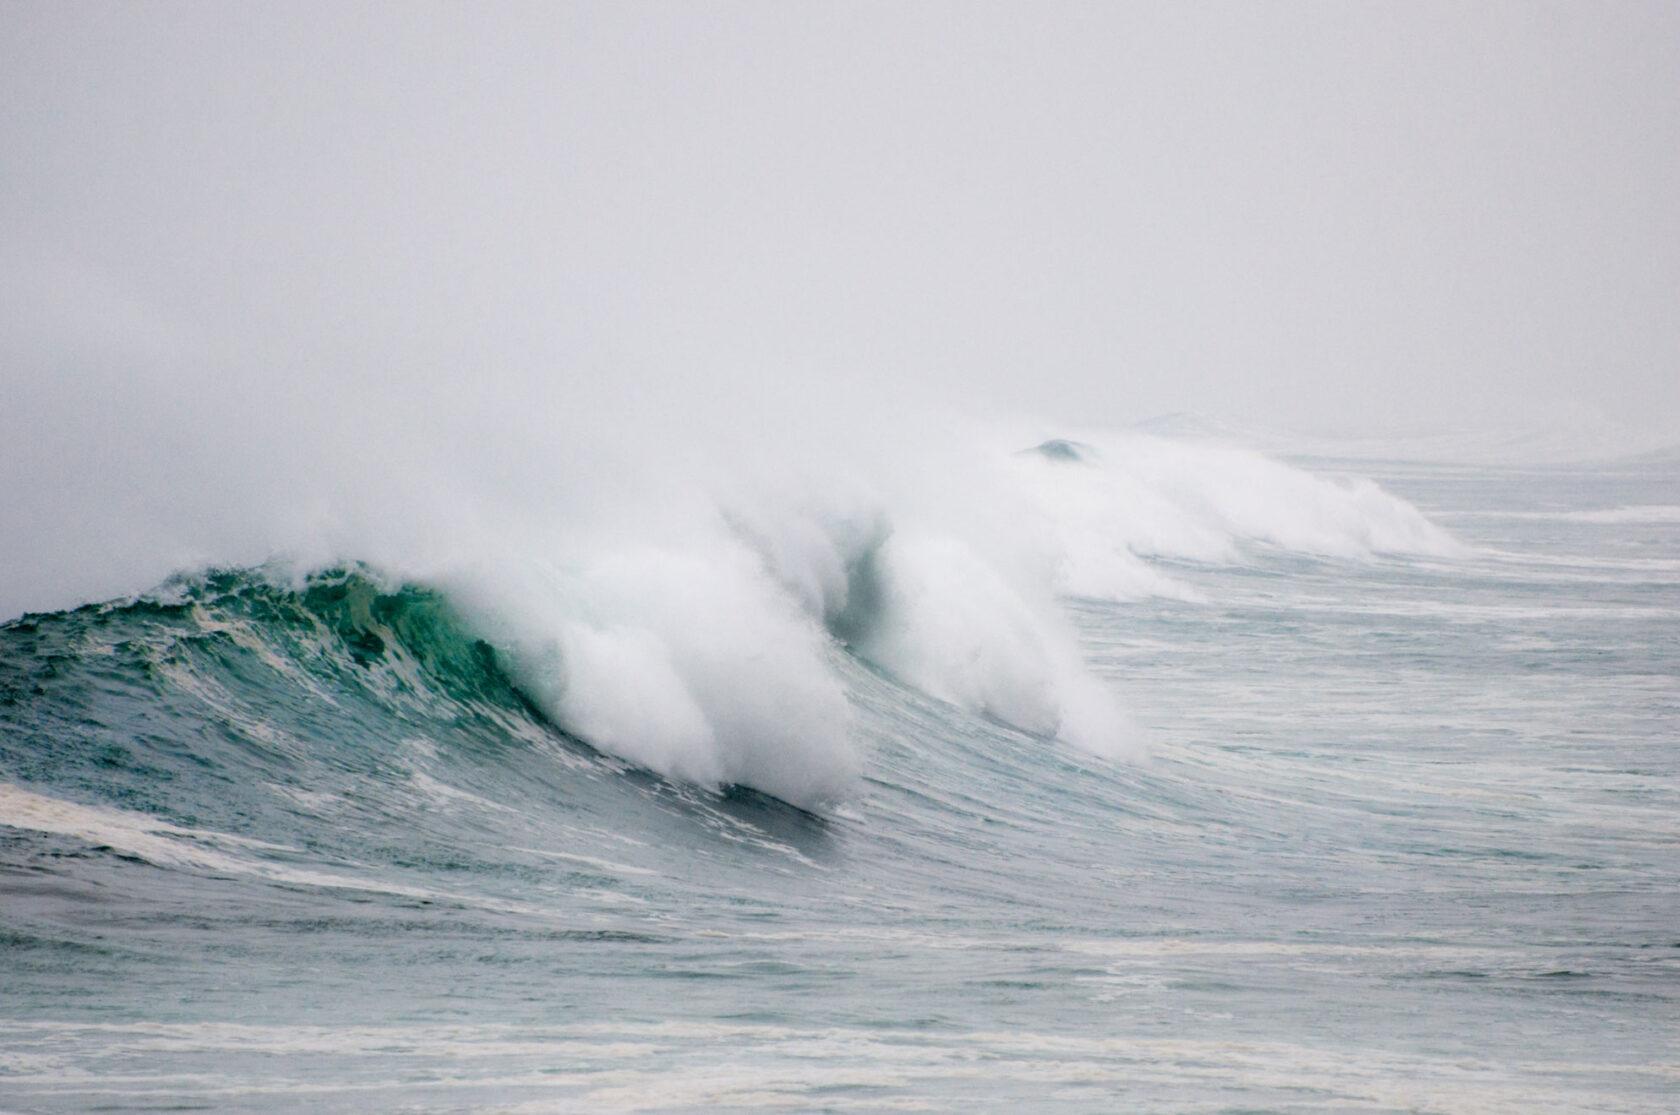 Bretagne Sturm - Finistere Sturm I Fotografie: Gudrun Itt